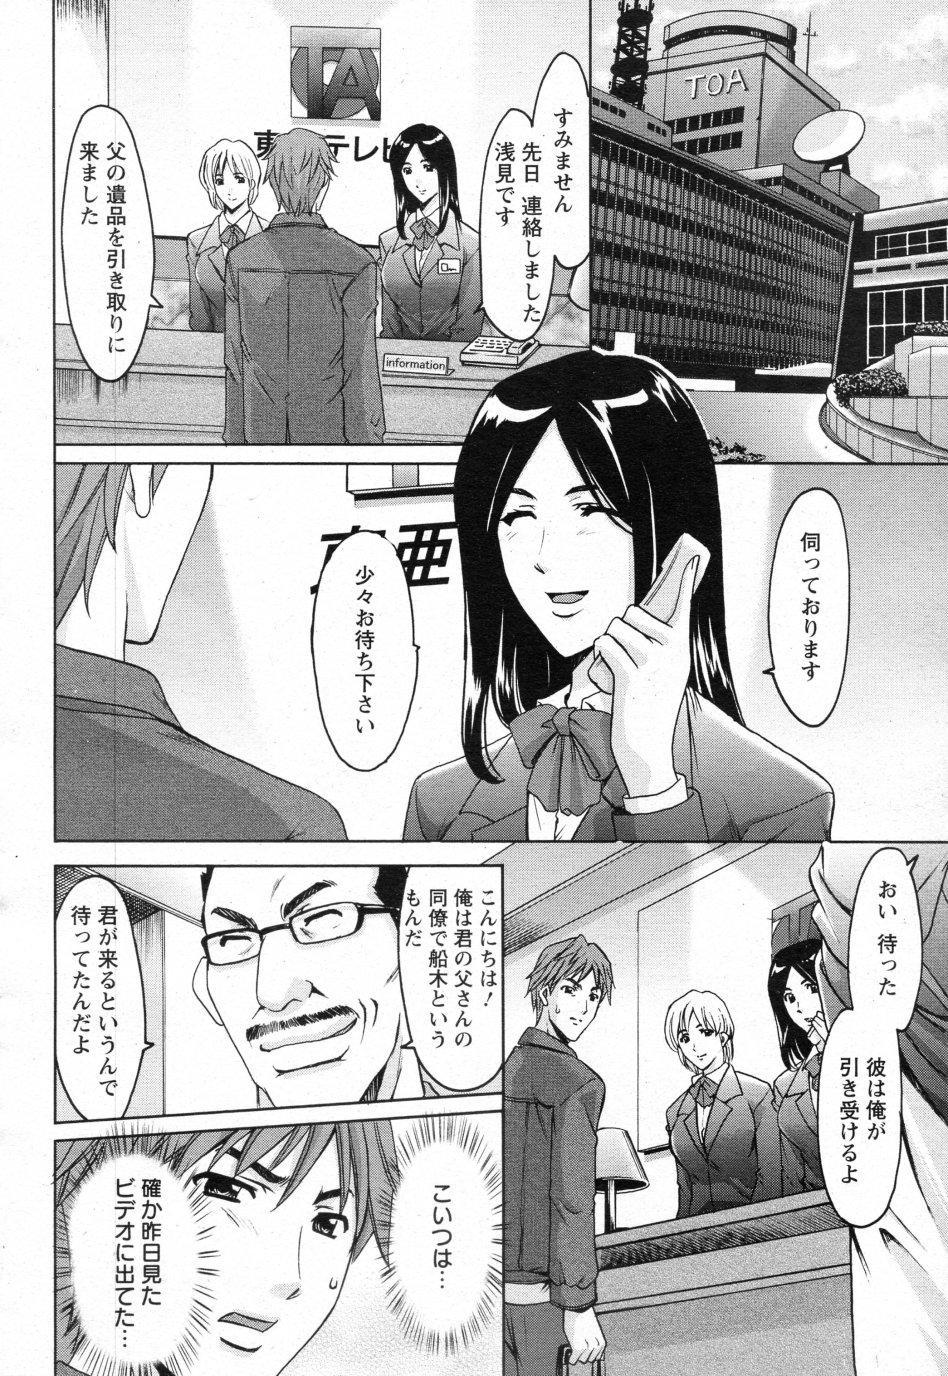 [Hoshino Ryuichi] Mjo Collection -Nidaime Choukyoushi- Ch.01-02 35